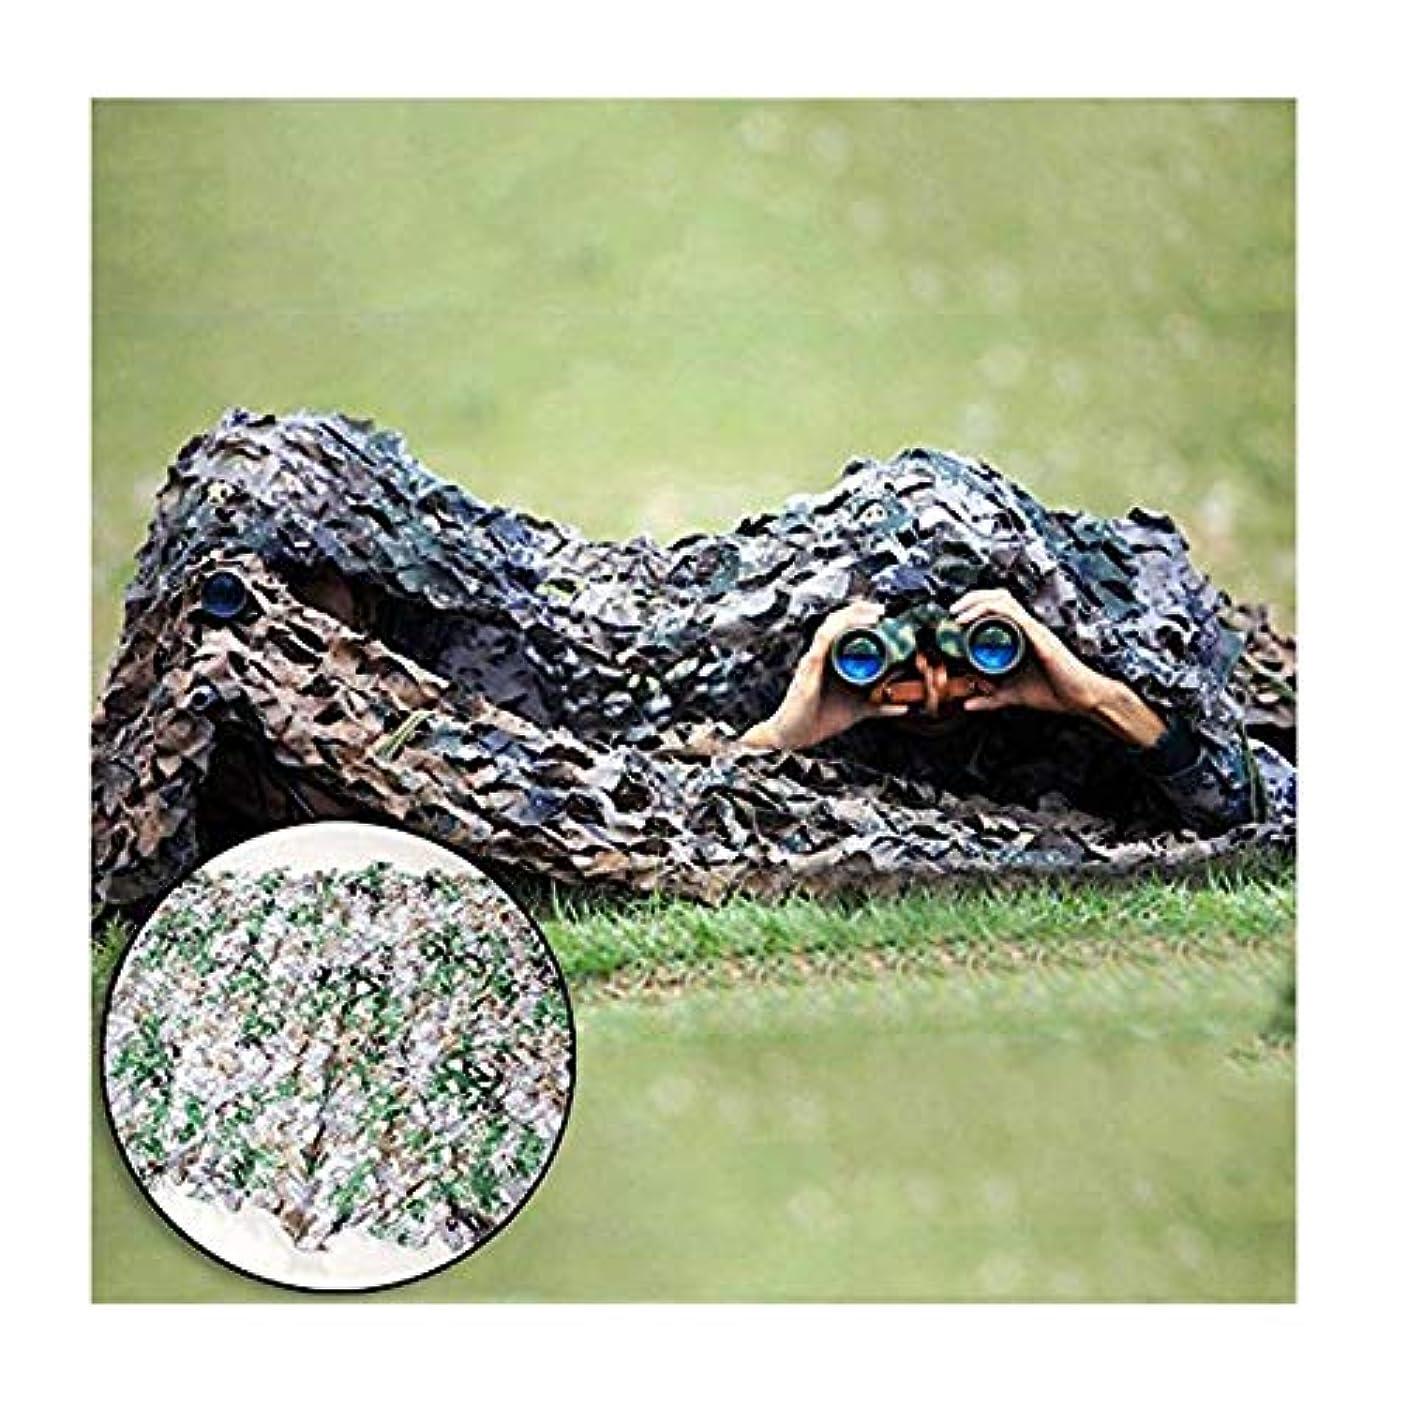 ラインナップ一般削除する子供のための迷彩ネット、グリーン4mx3mウッドランド迷彩ネット補強軍事軍4m迷彩射撃場キャンプ屋外用隠すカーカバー庭の装飾 (Size : 8*8M)